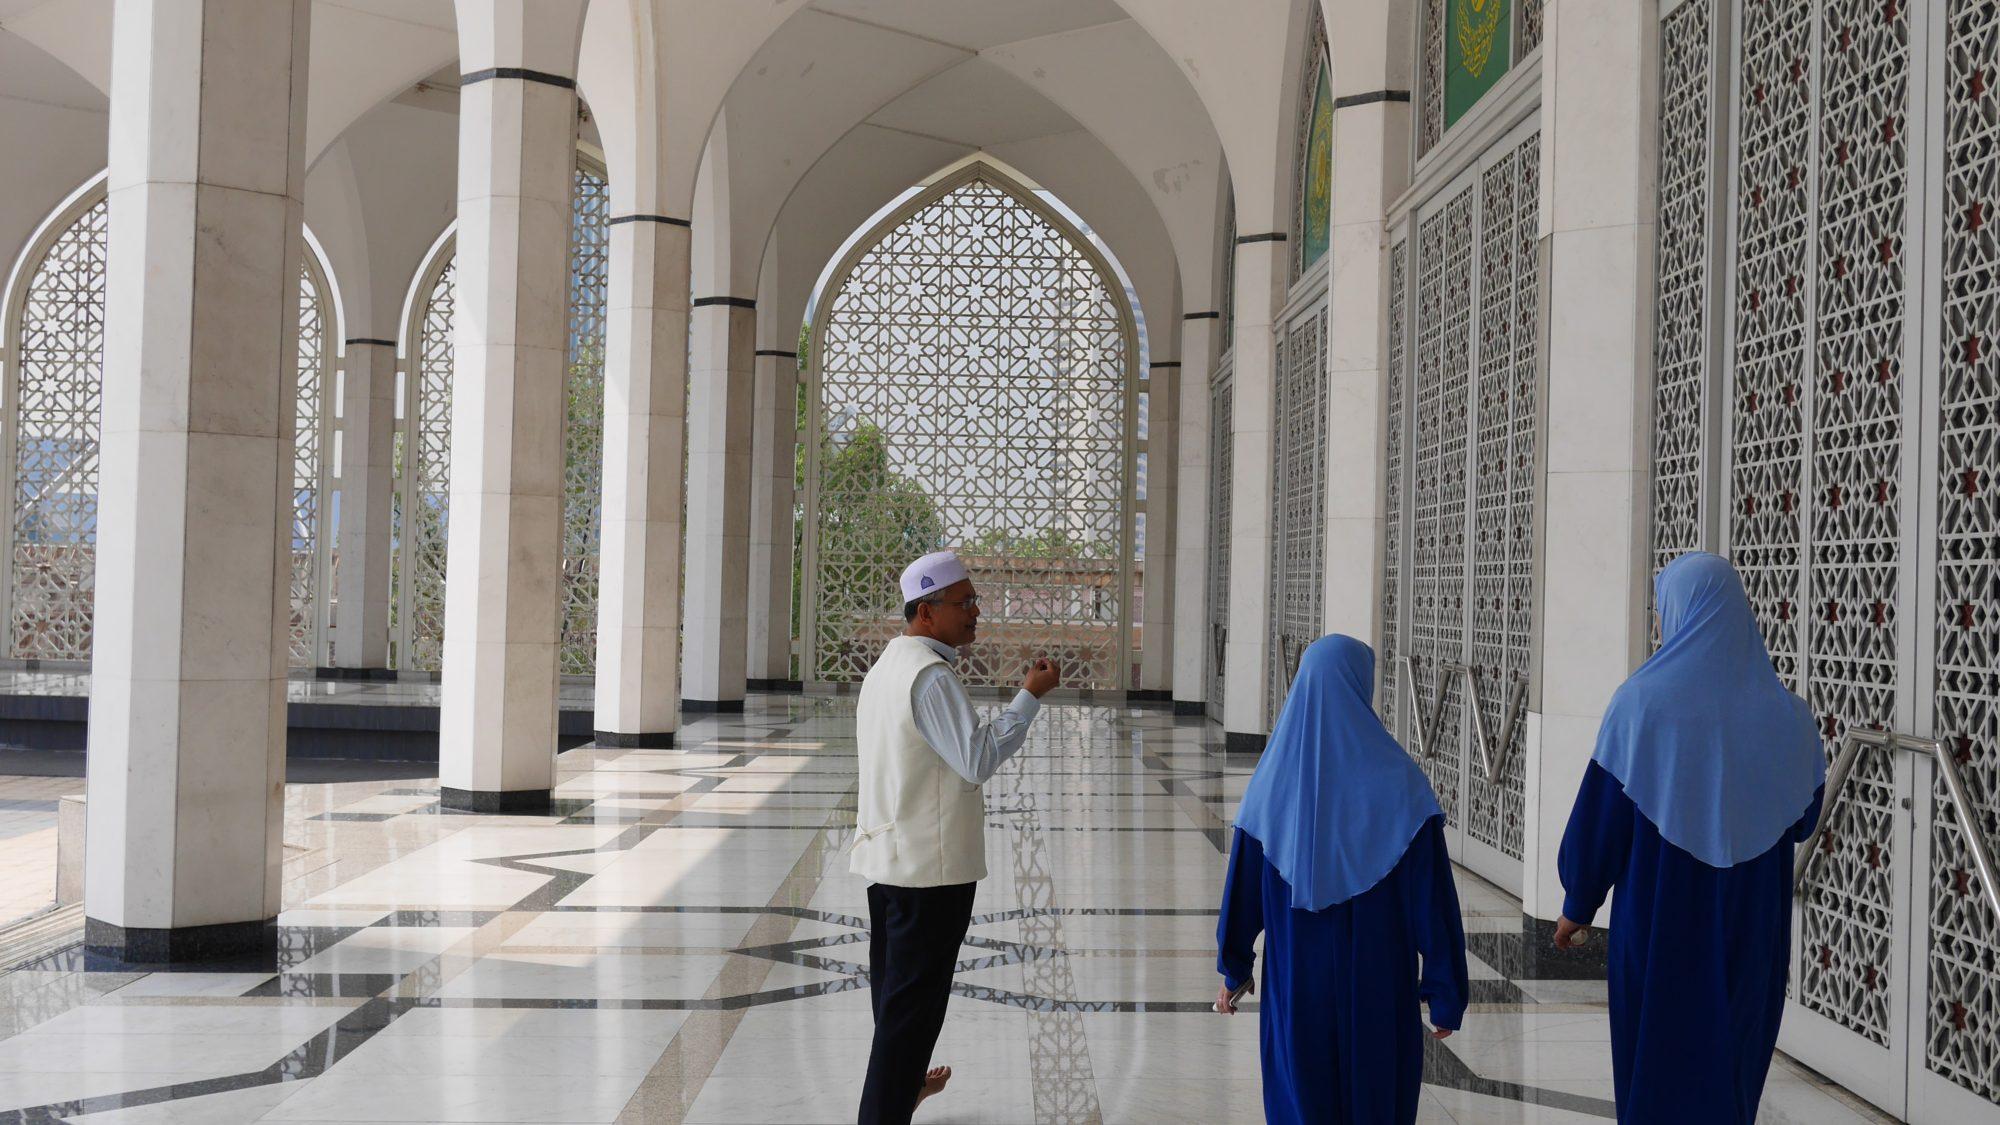 ガイドさんがモスク内を丁寧に案内してくれます